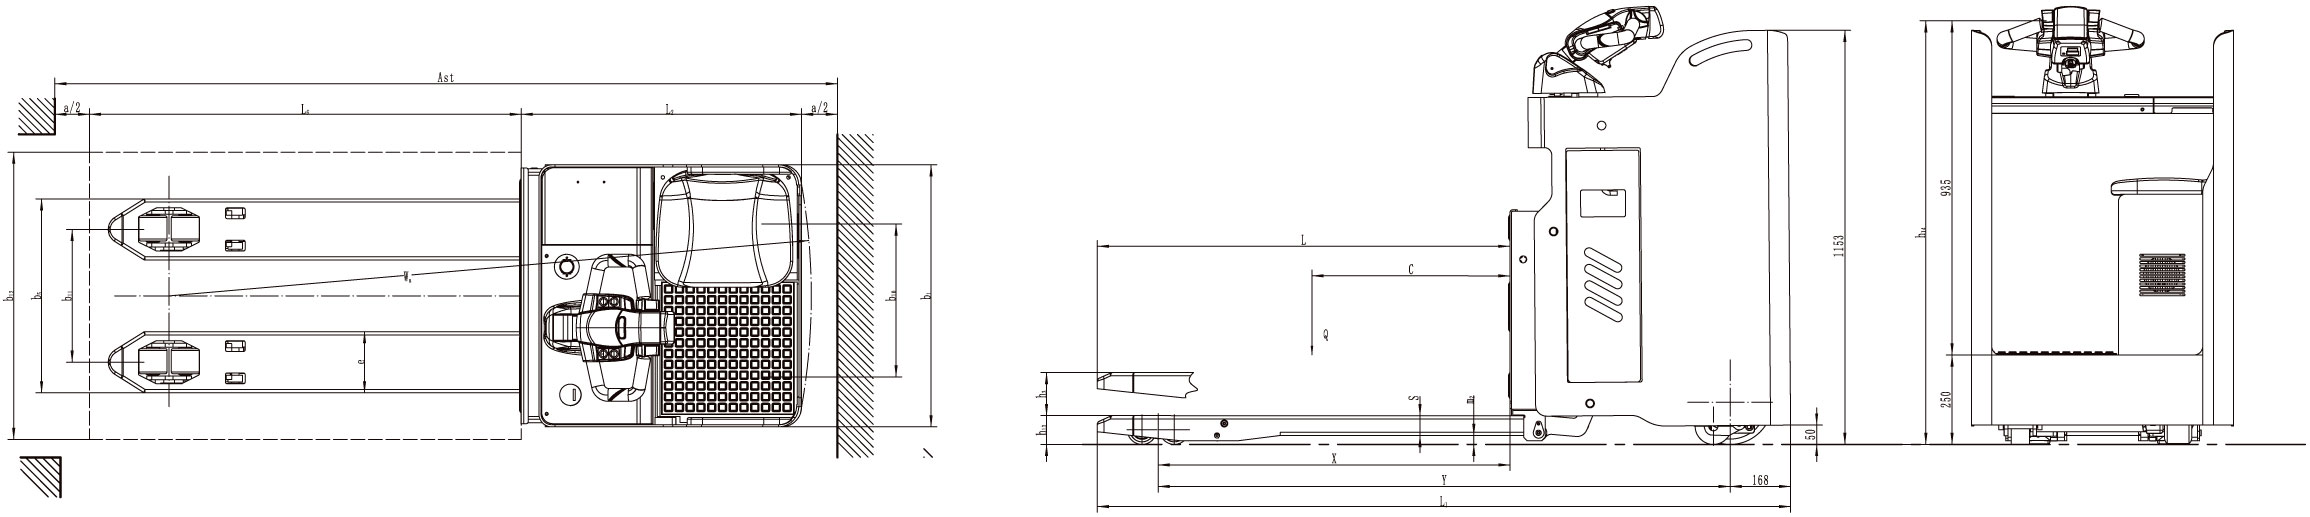 durok2.0SR-02.jpg (130 KB)